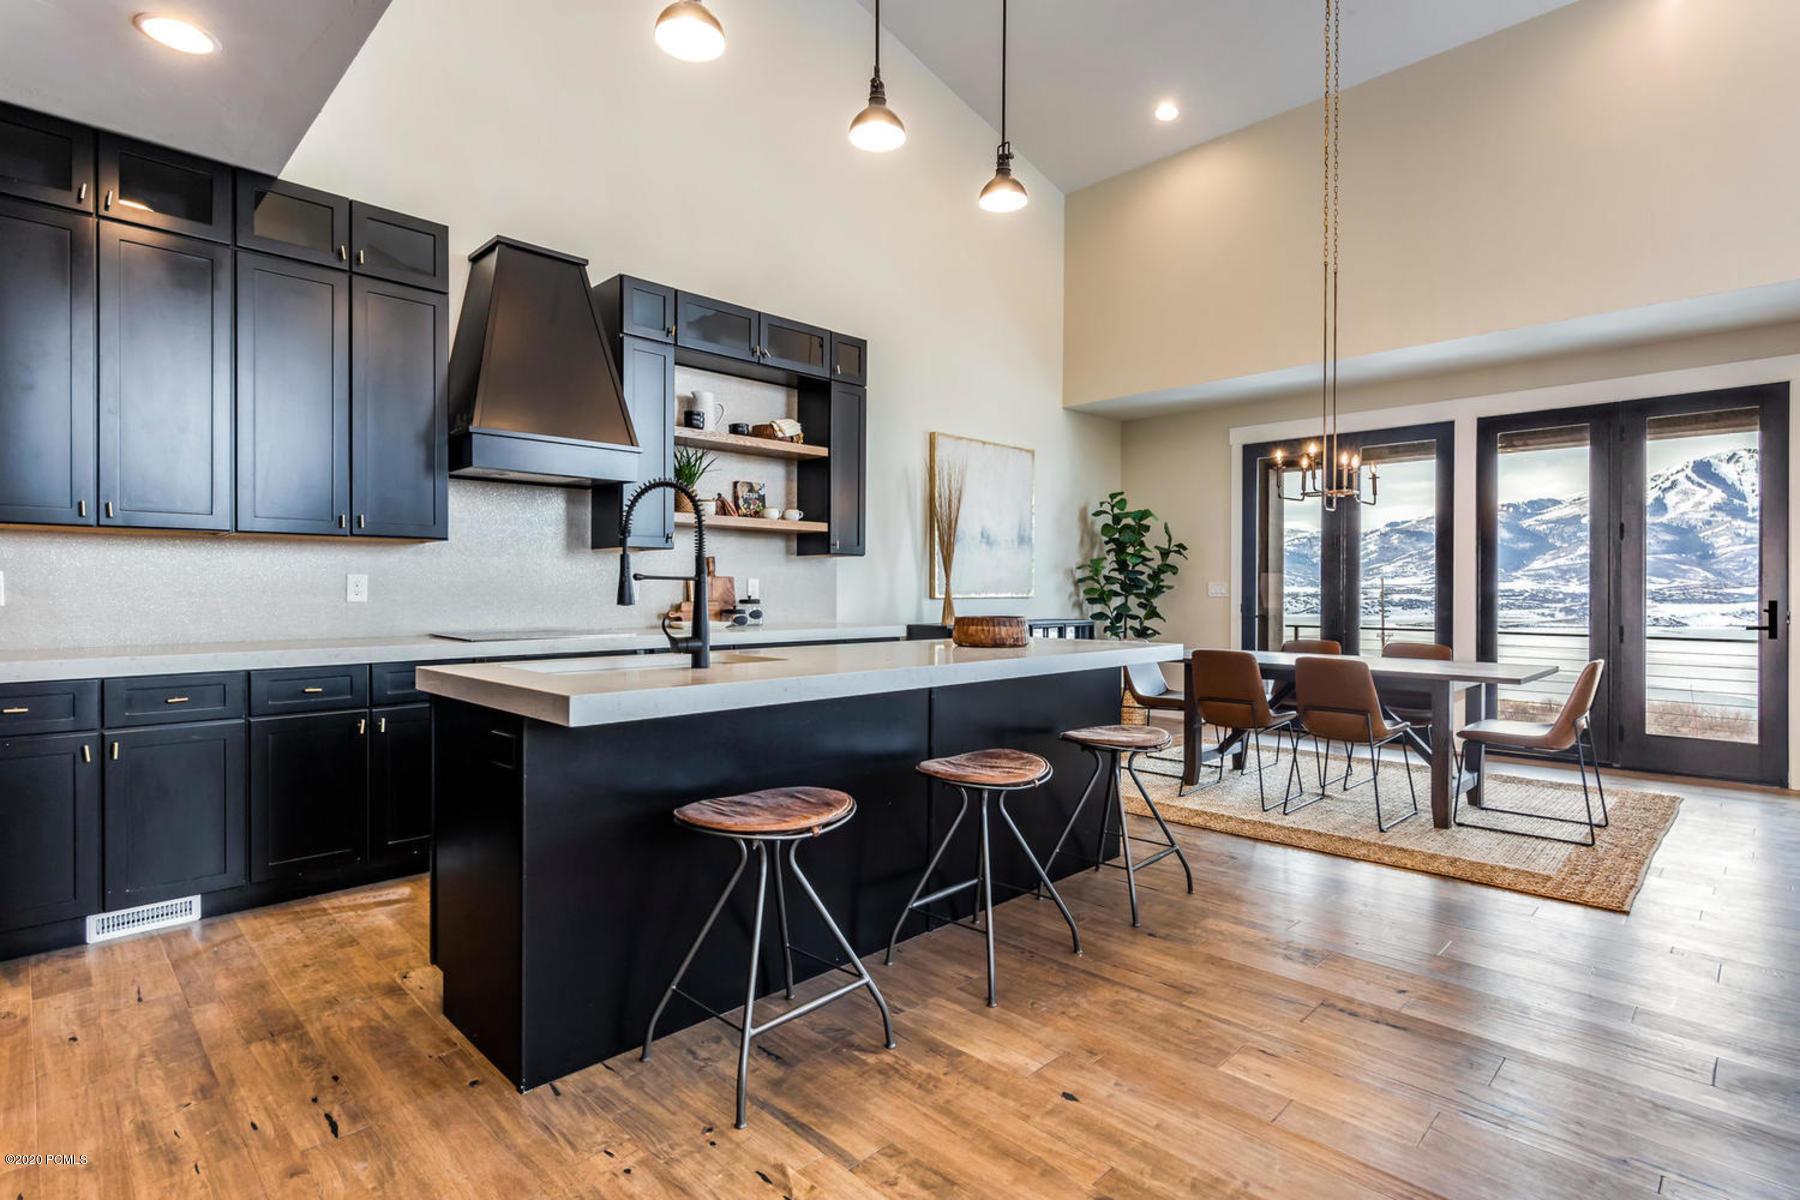 391 Overlook Loop, Lot 18, Hideout, Utah 84036, 3 Bedrooms Bedrooms, ,4 BathroomsBathrooms,Condominium,For Sale,Overlook Loop, Lot 18,12002827